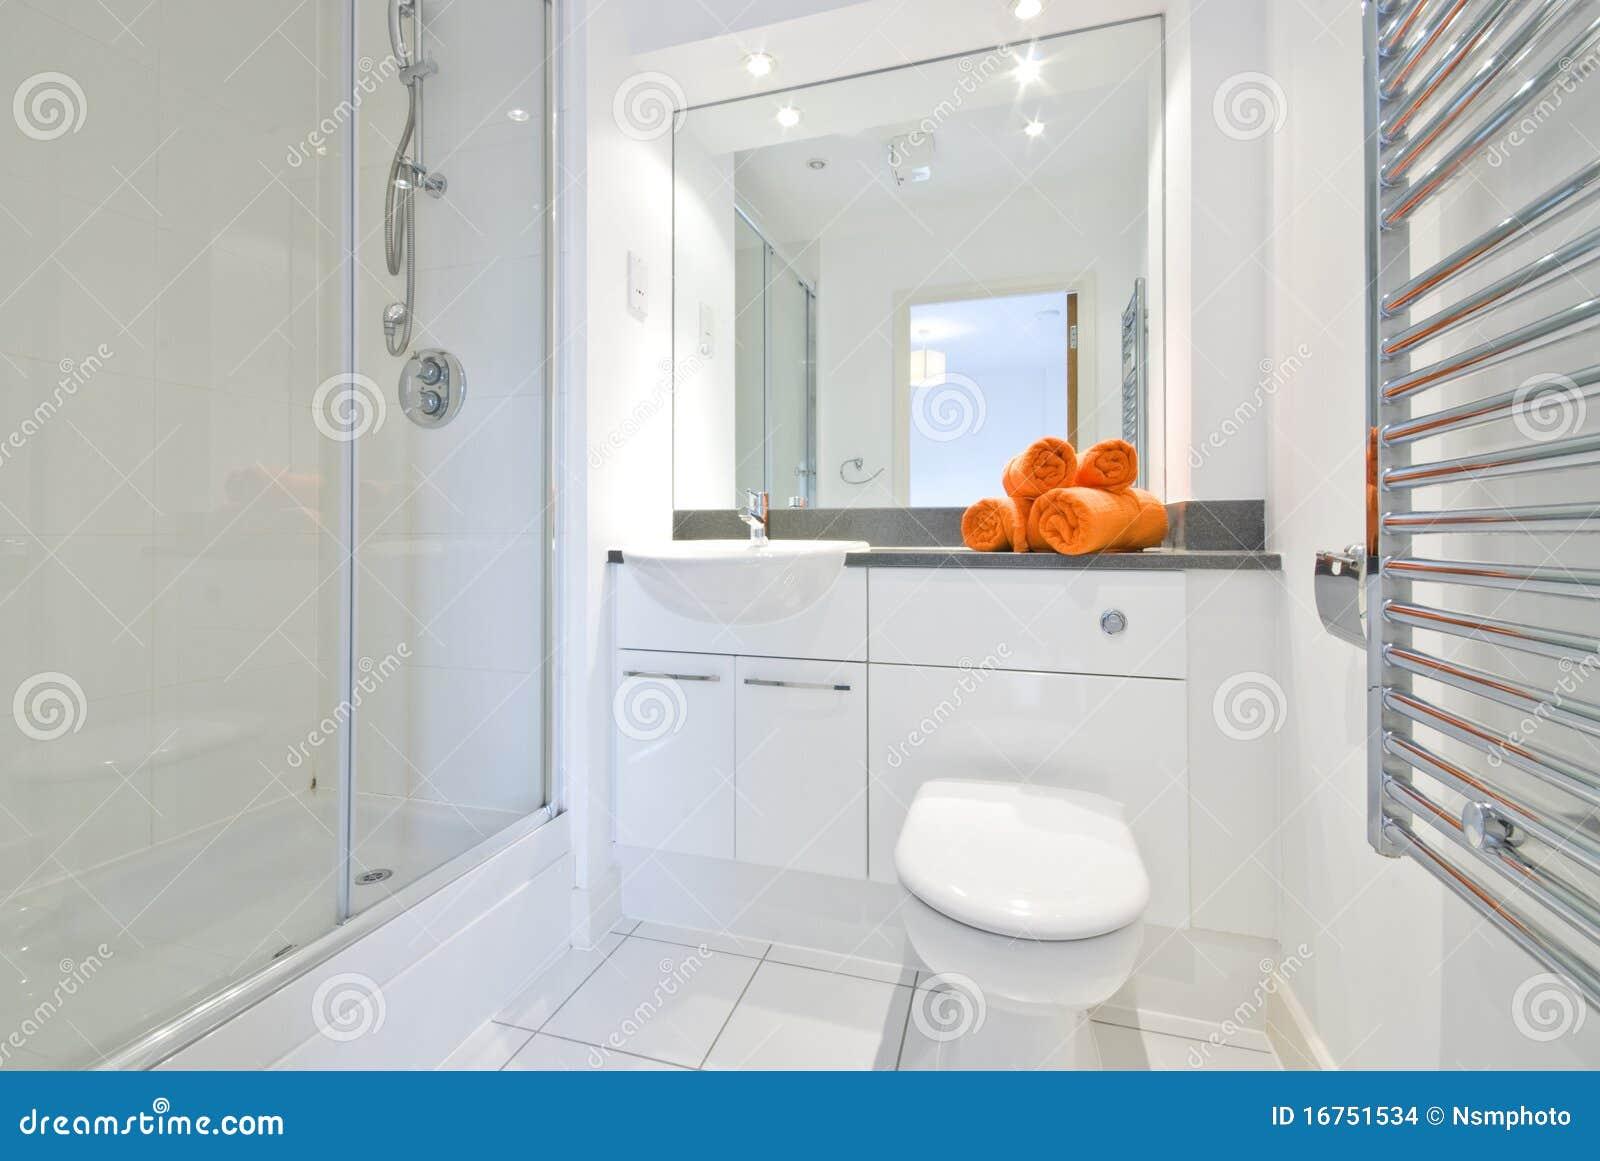 Salle de bains moderne dans la grande pi ce de douche for Photo salle de bain moderne blanche